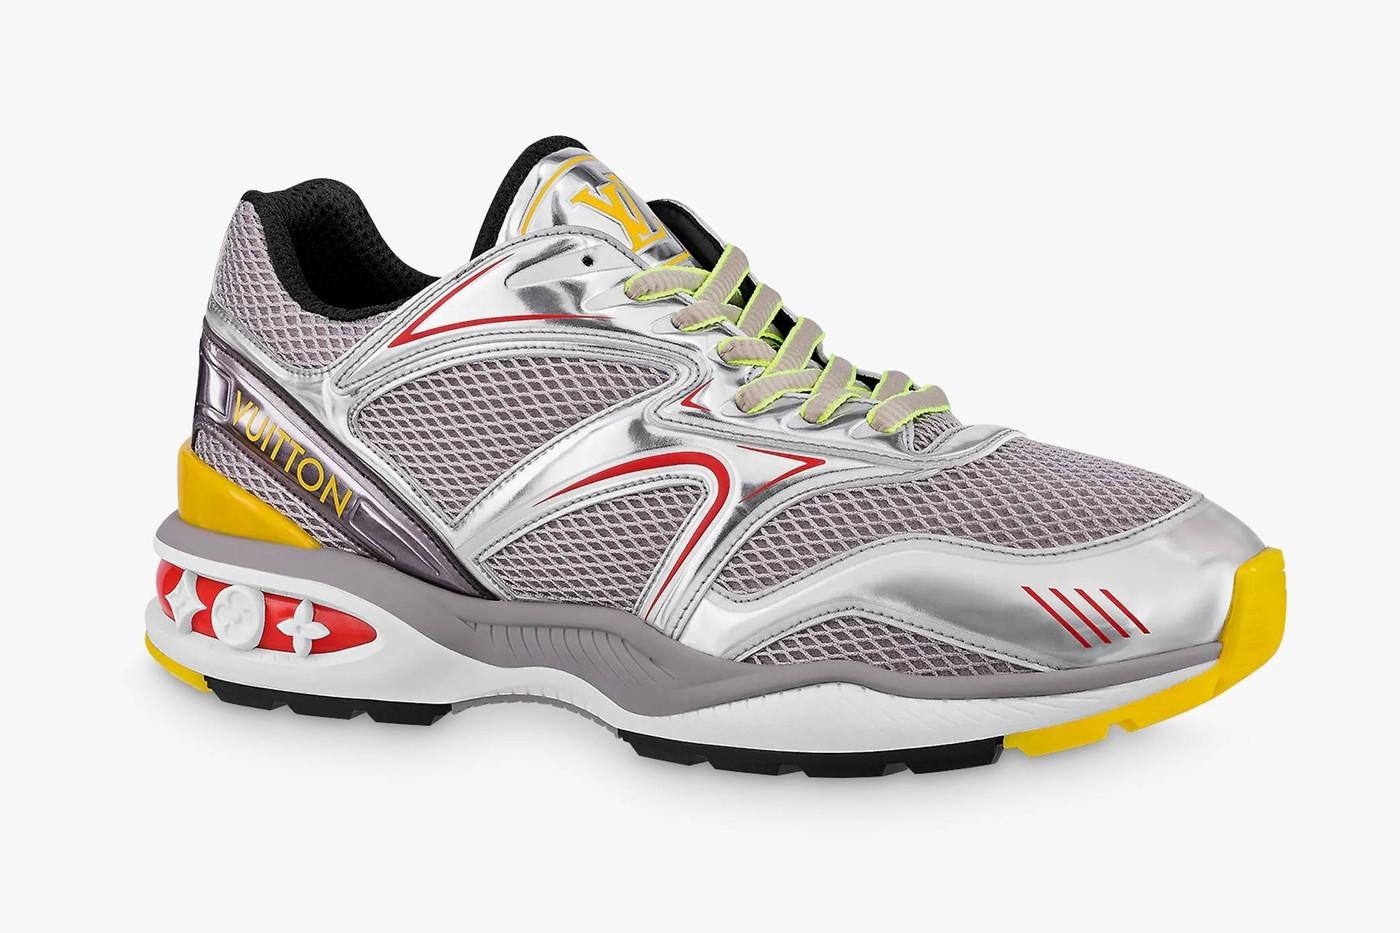 路易威登(Louis Vuitton)的LV Trail运动鞋是徒步旅行时引人注目的一种方法